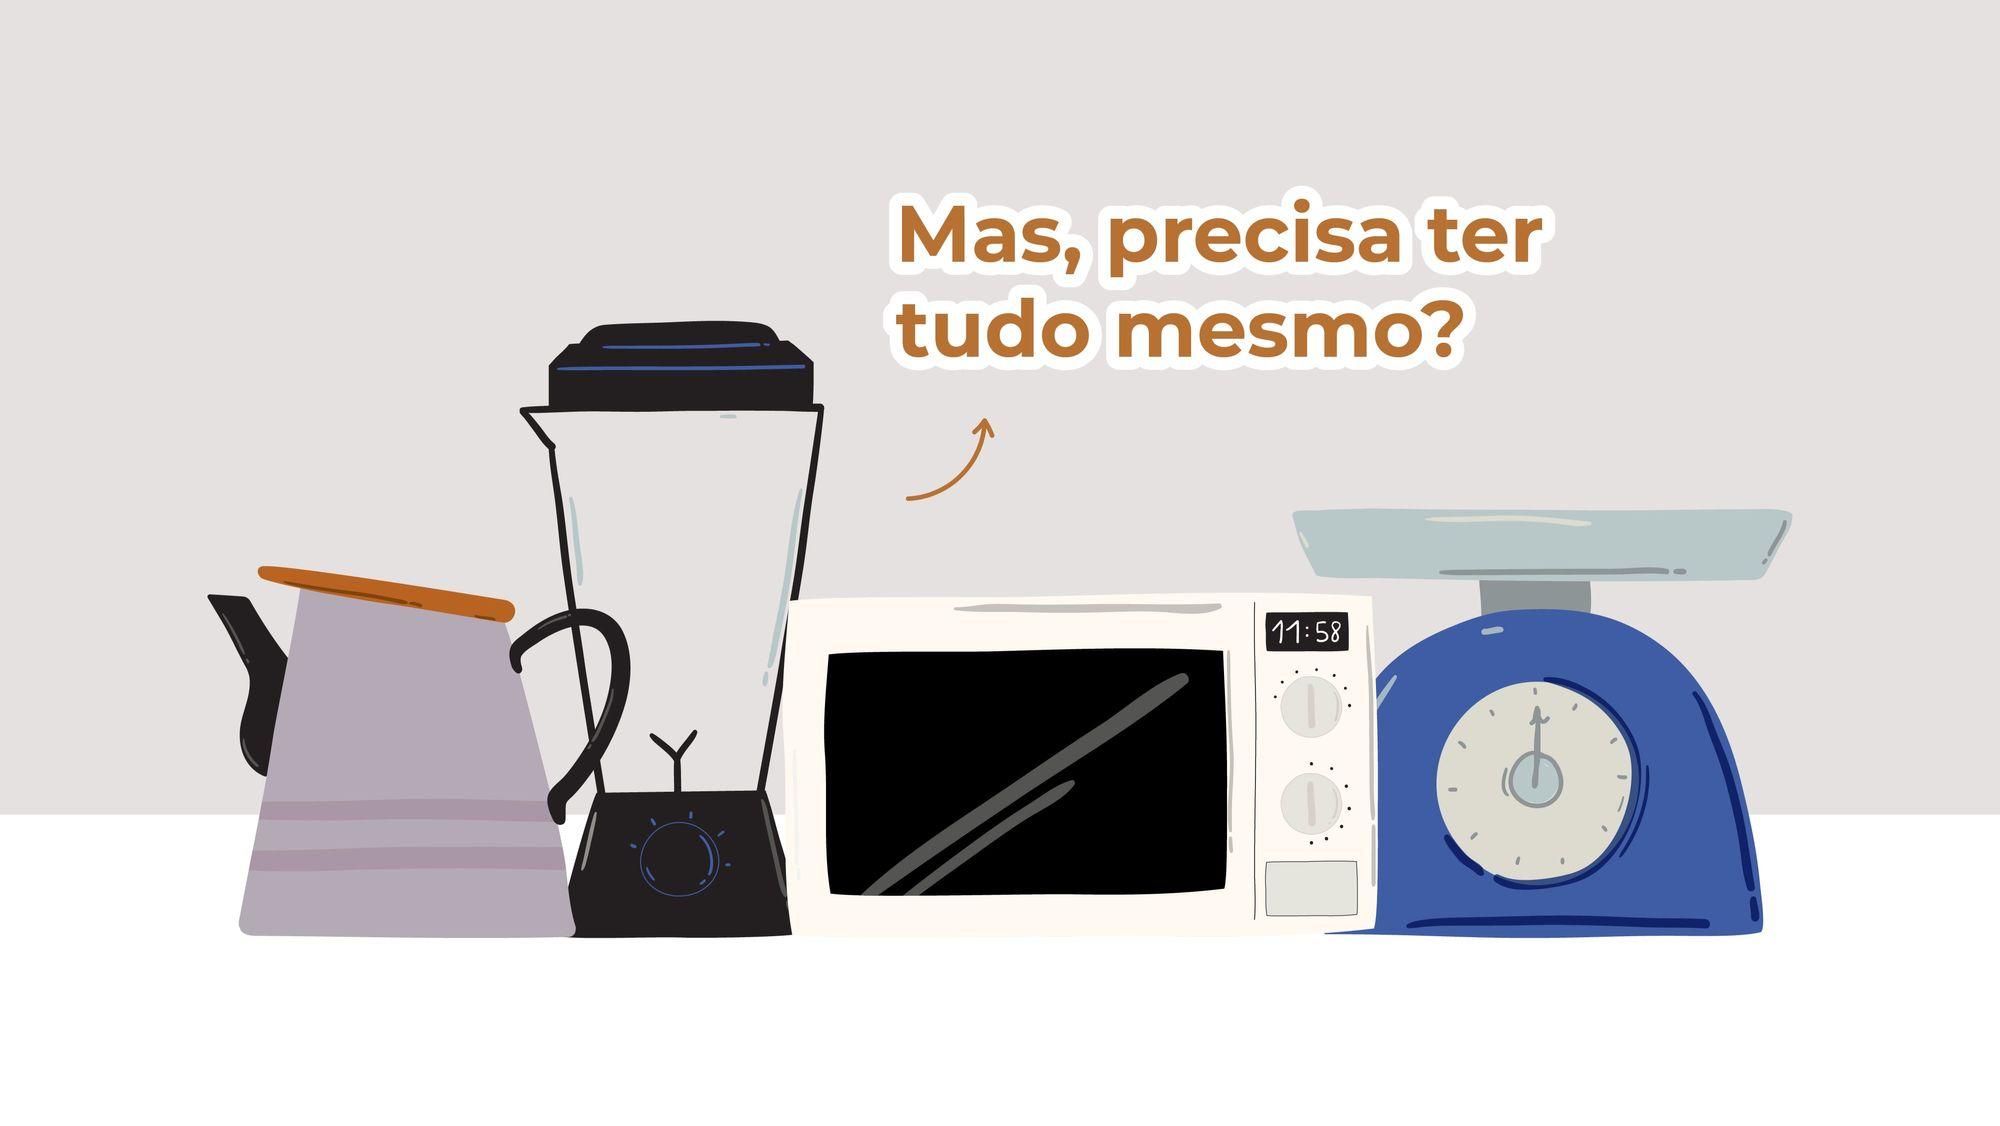 Ilustração de um bule, um copo de liquidificador, um micro-ondas e uma balança de cozinha